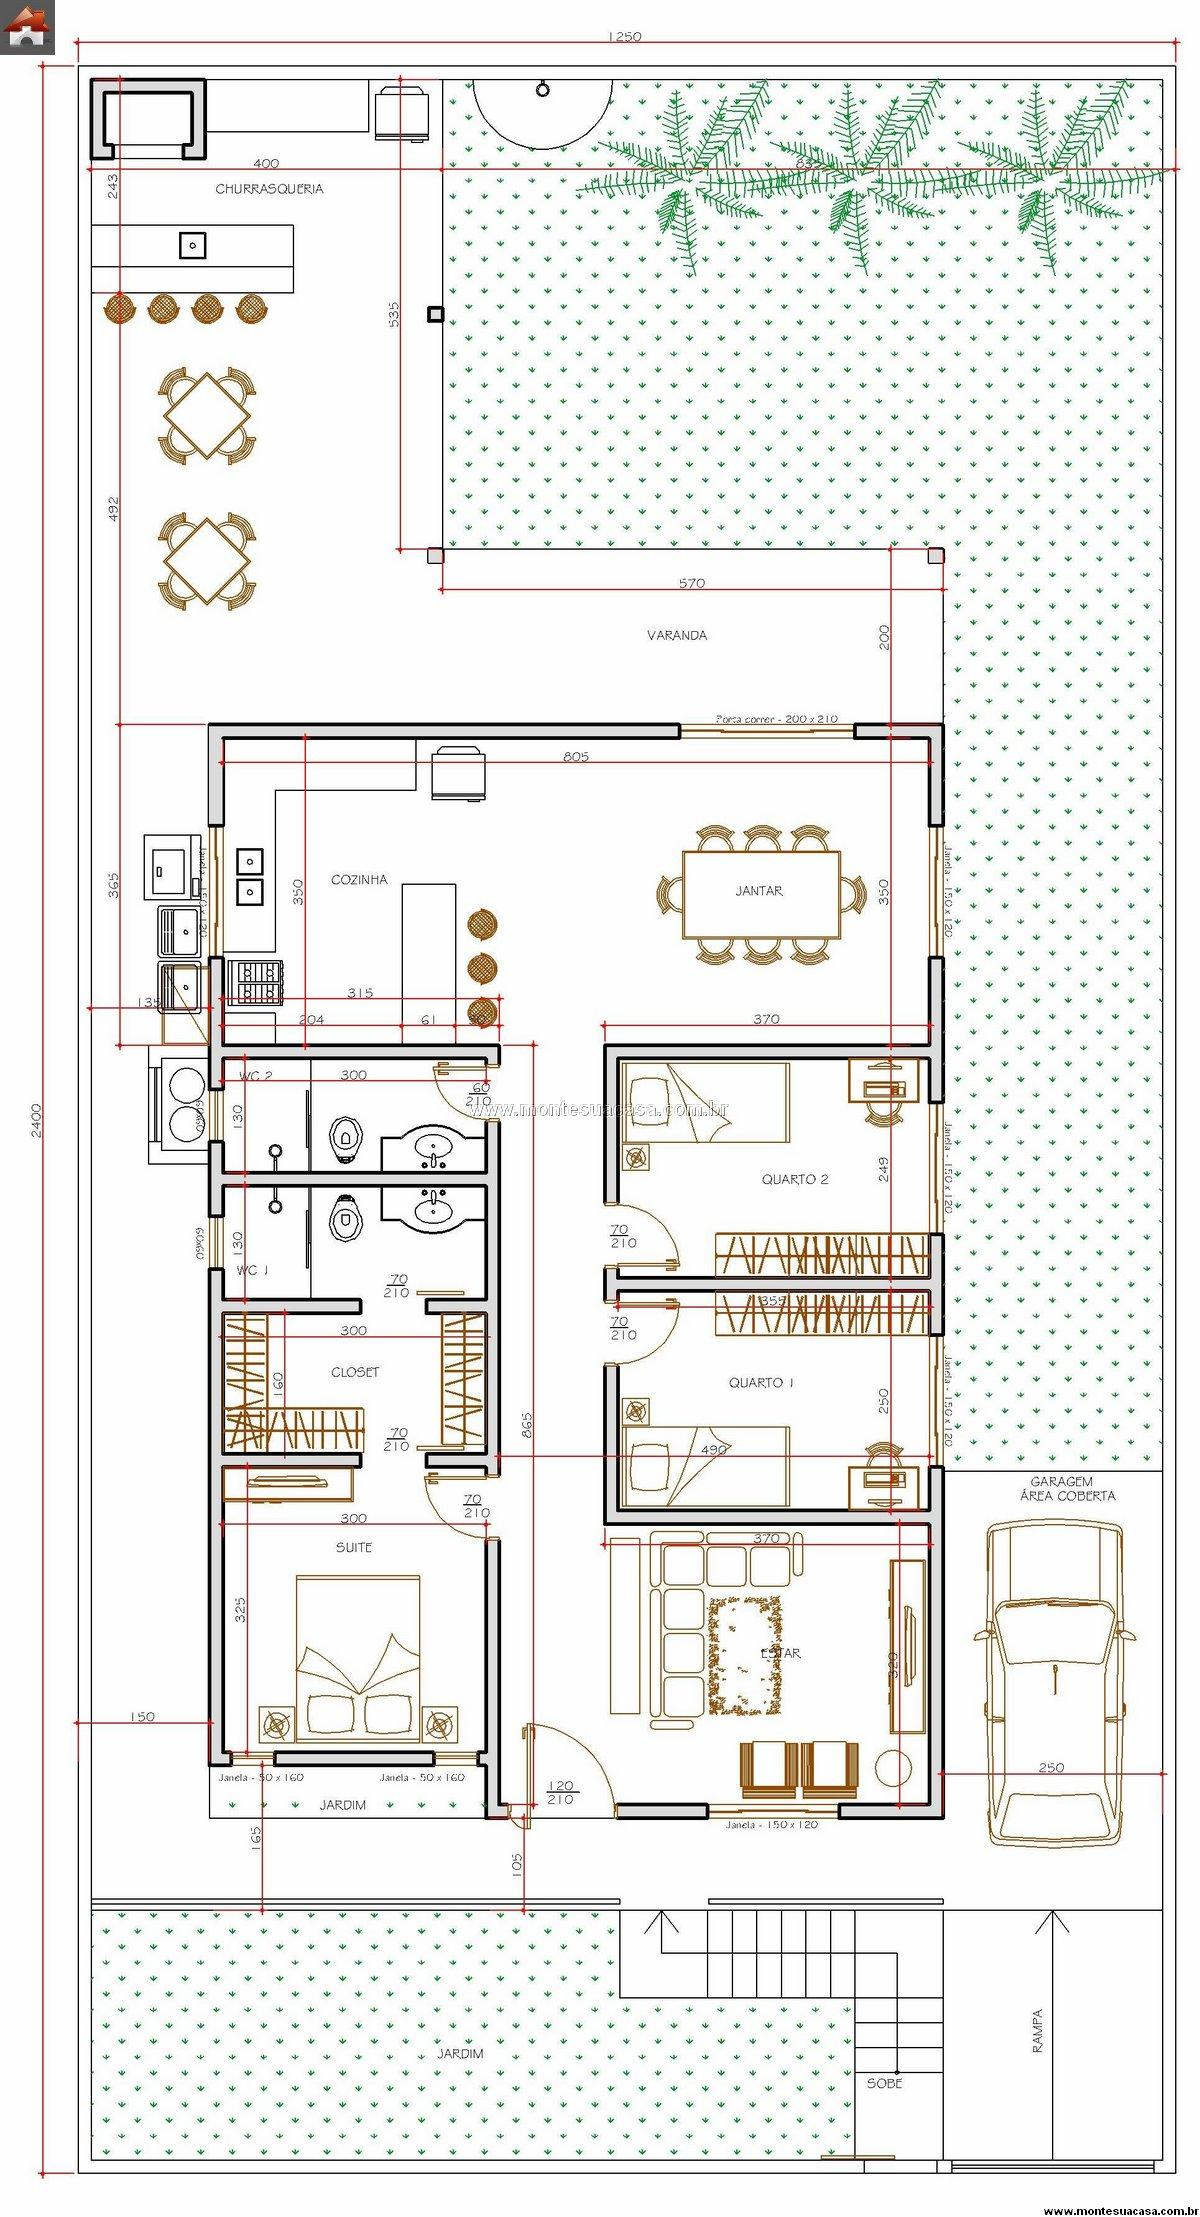 #812617 plantas de casas até 120m2 1200x2217 px Projetos De Casas Com Cozinha Nos Fundos #187 imagens